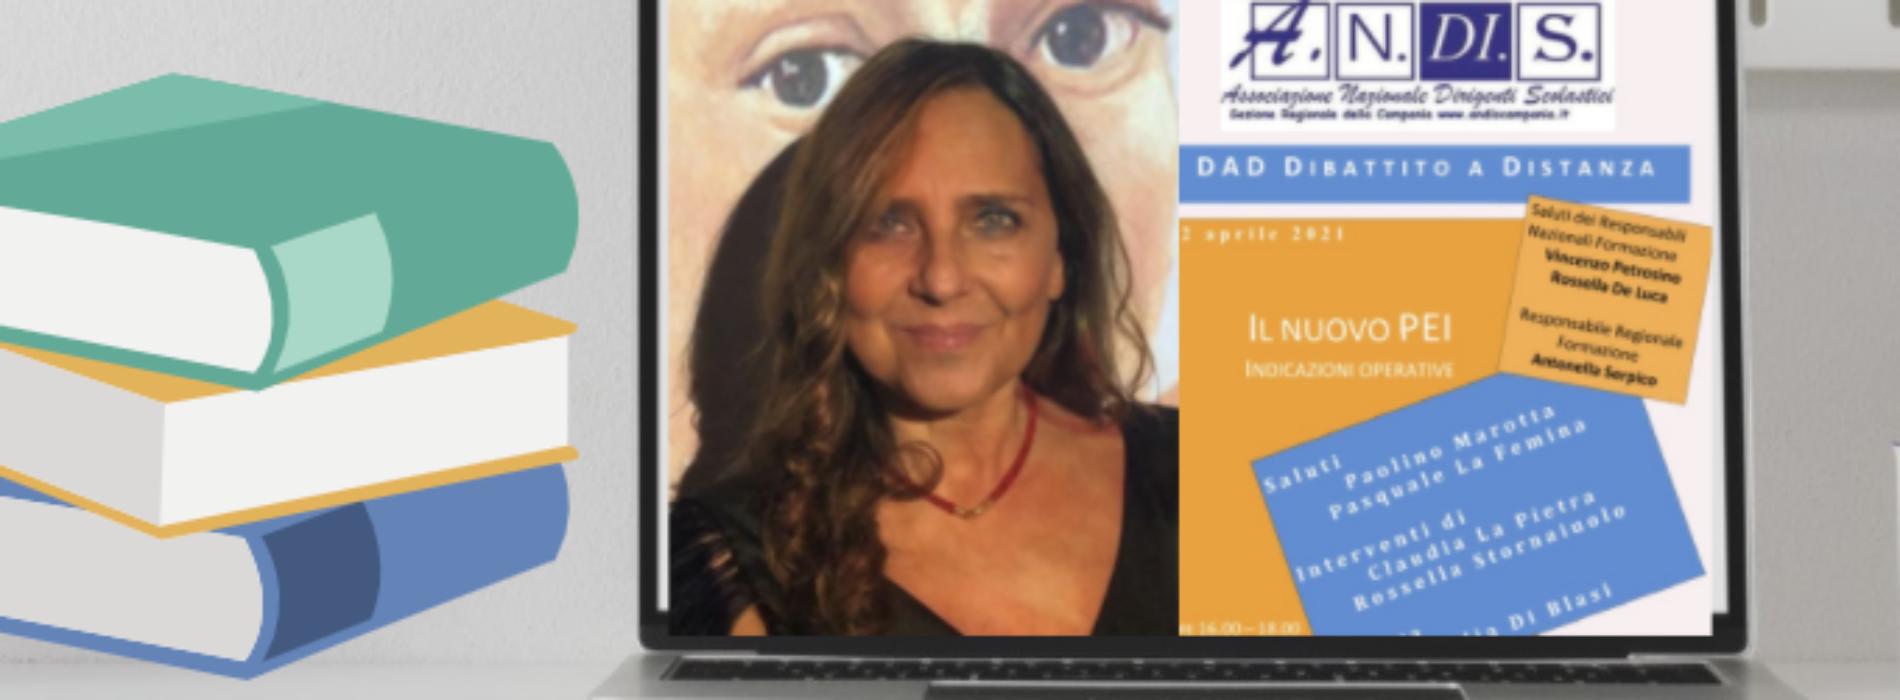 Il nuovo Pei. Serpico: successo per il seminario Andis online